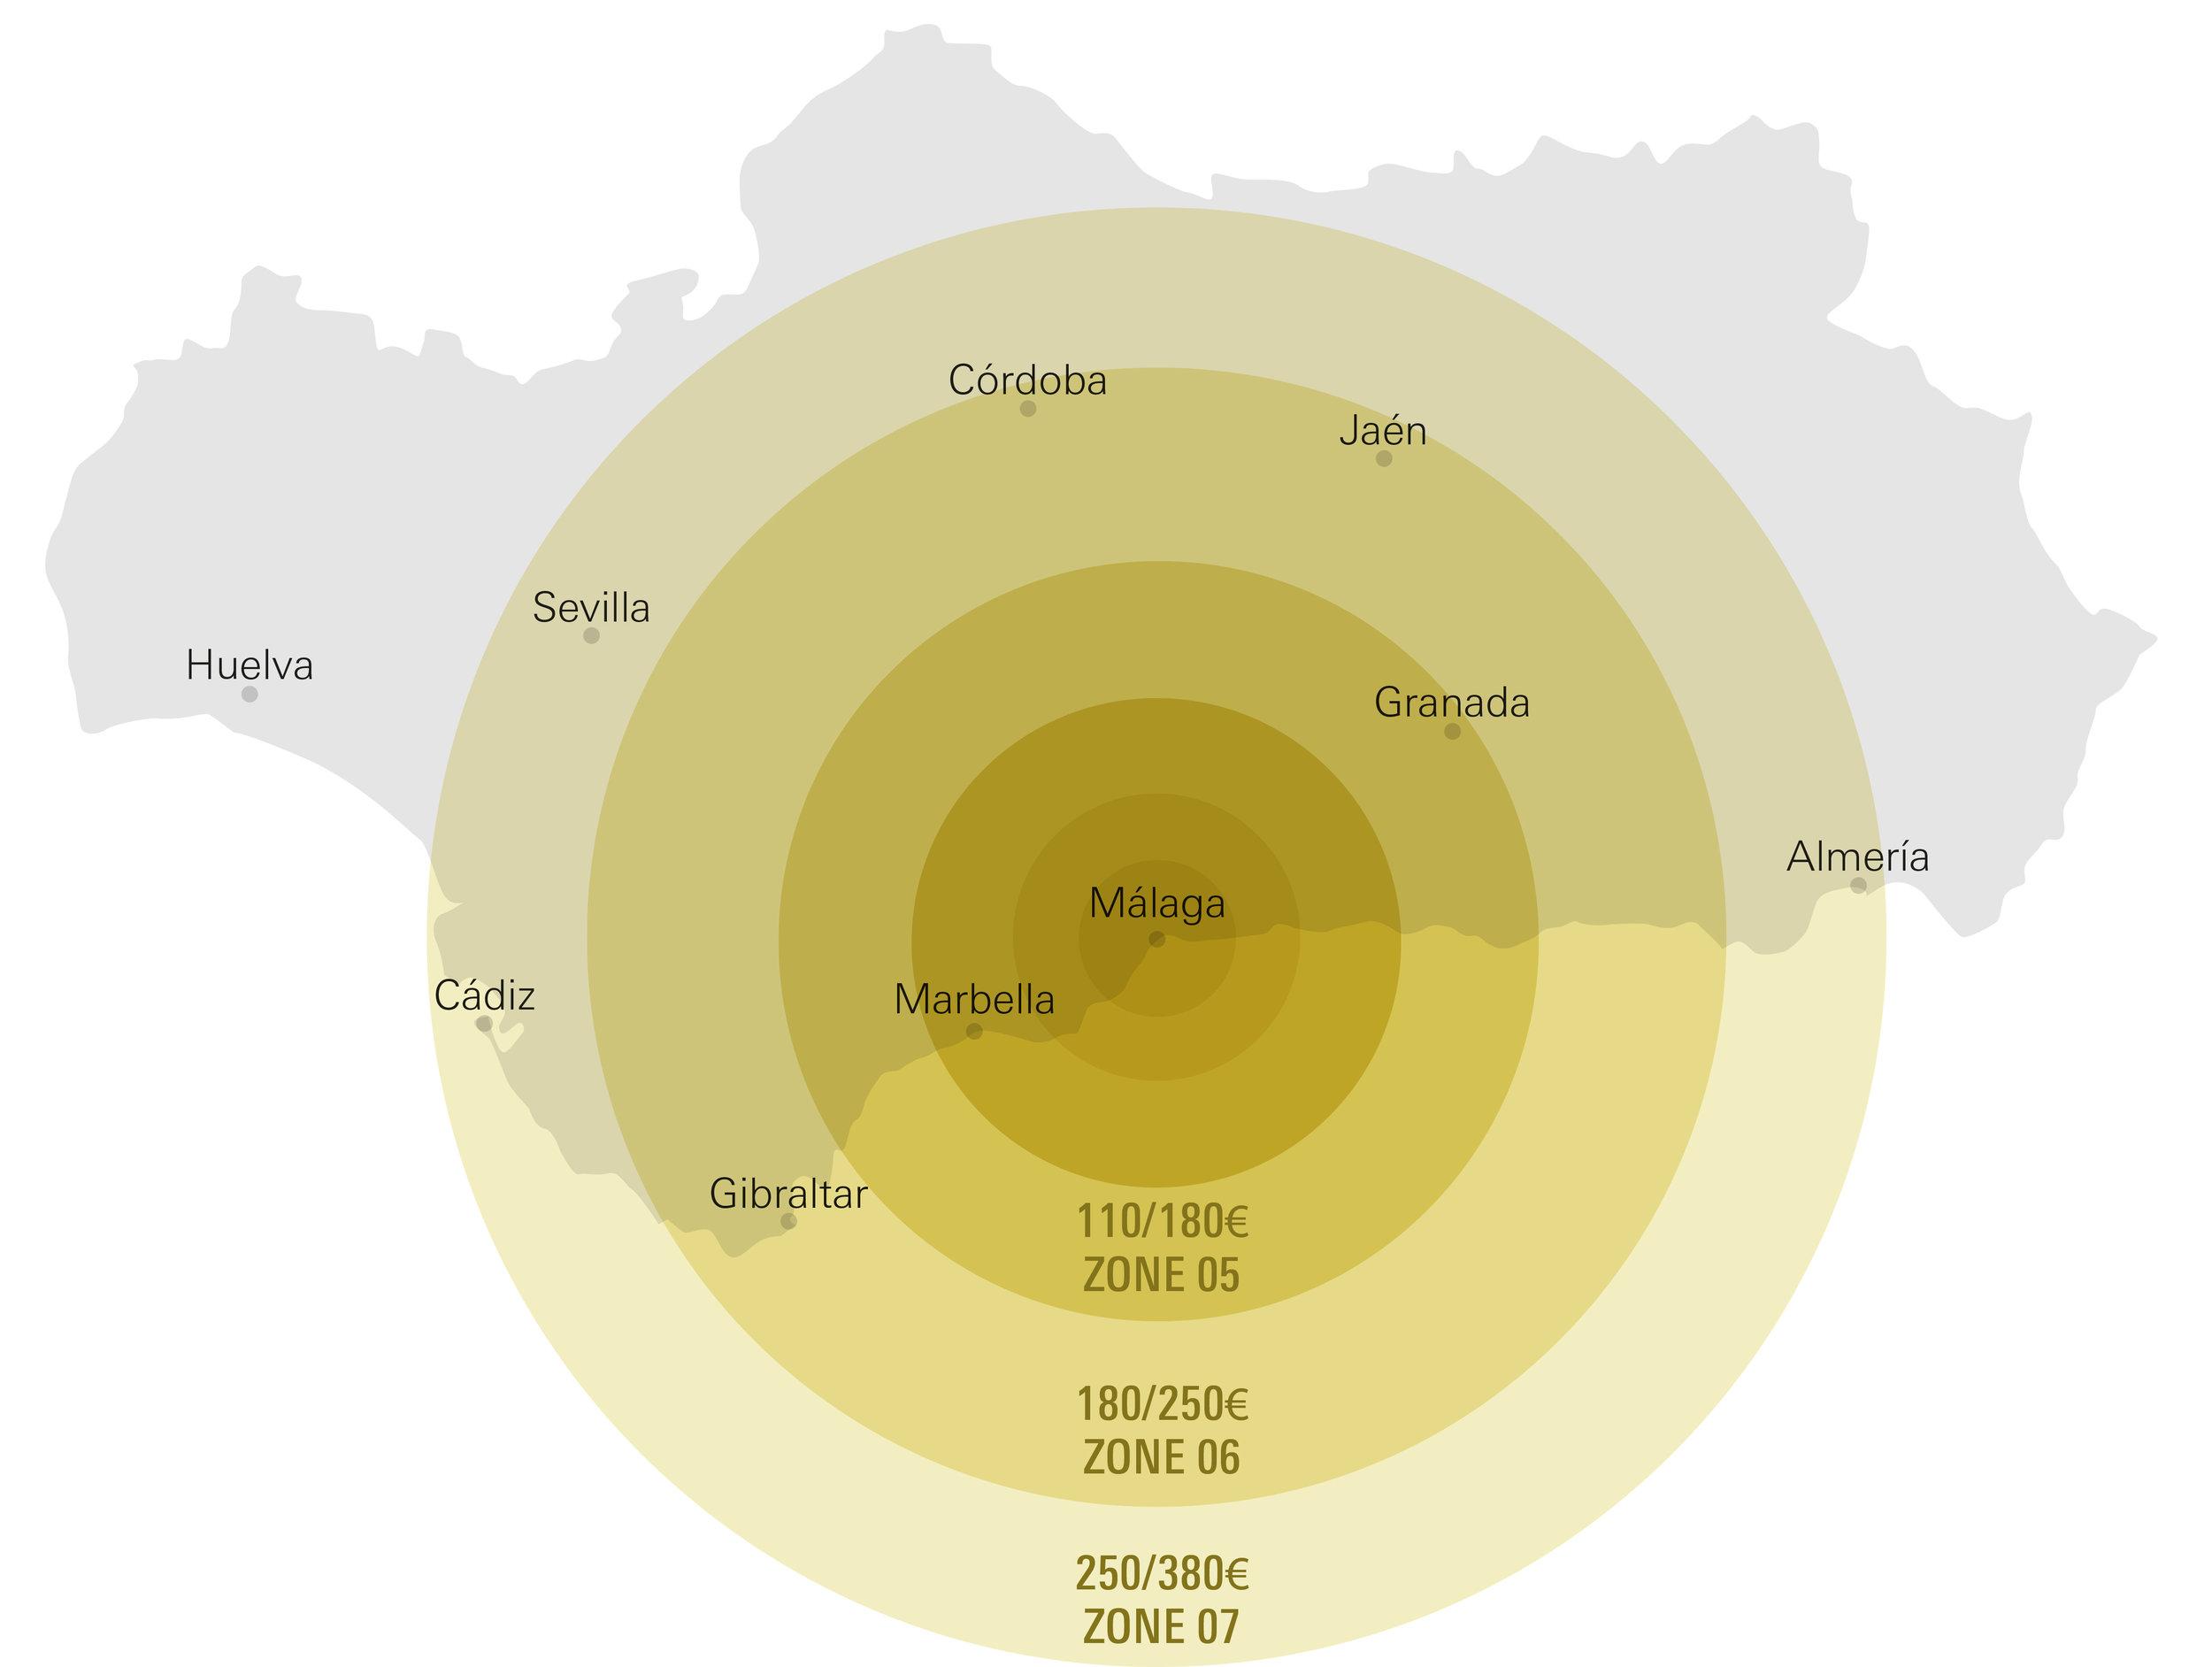 mapa_andalucia_web02_final.jpg